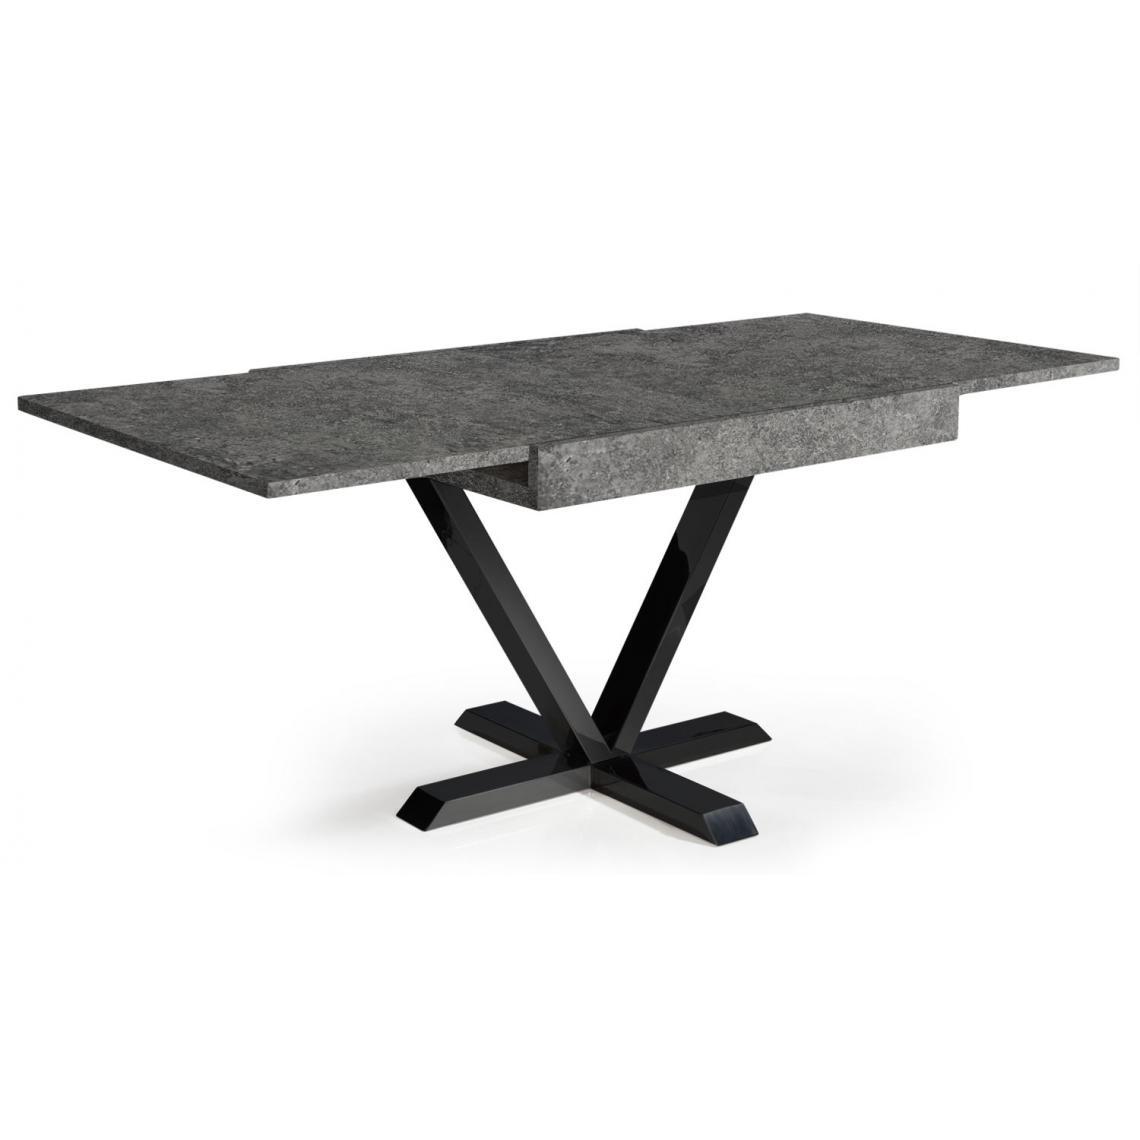 Table Basse Design Rétractable Effet Béton Gris WELL | 3 SUISSES